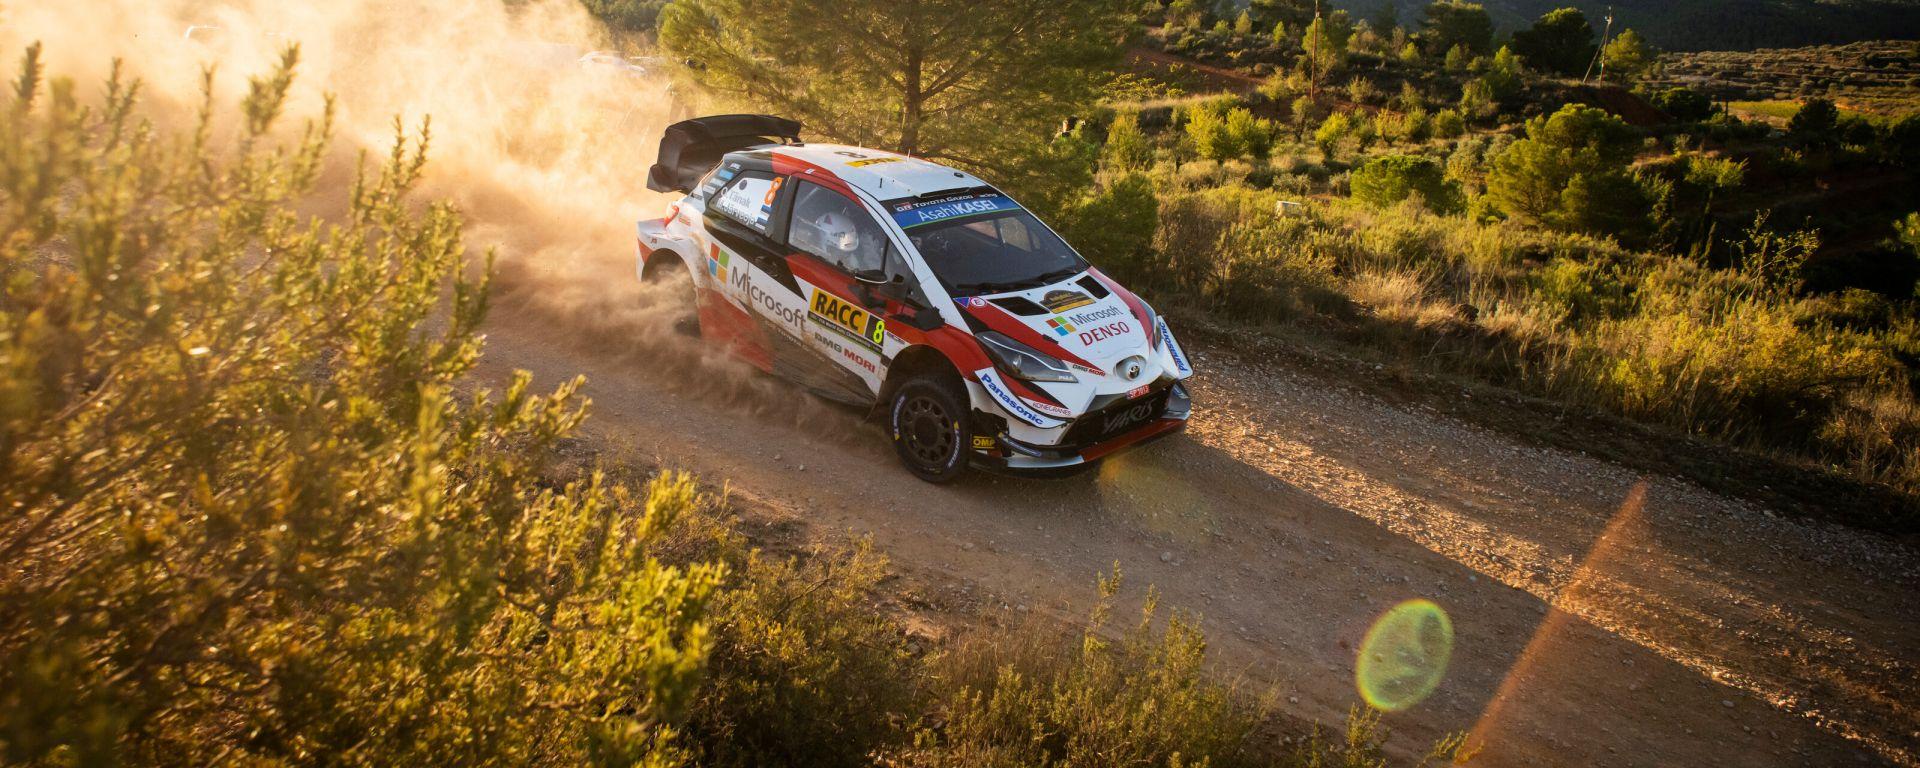 Wrc 2019, Ott Tanak è campione del mondo dopo il Rally di Spagna